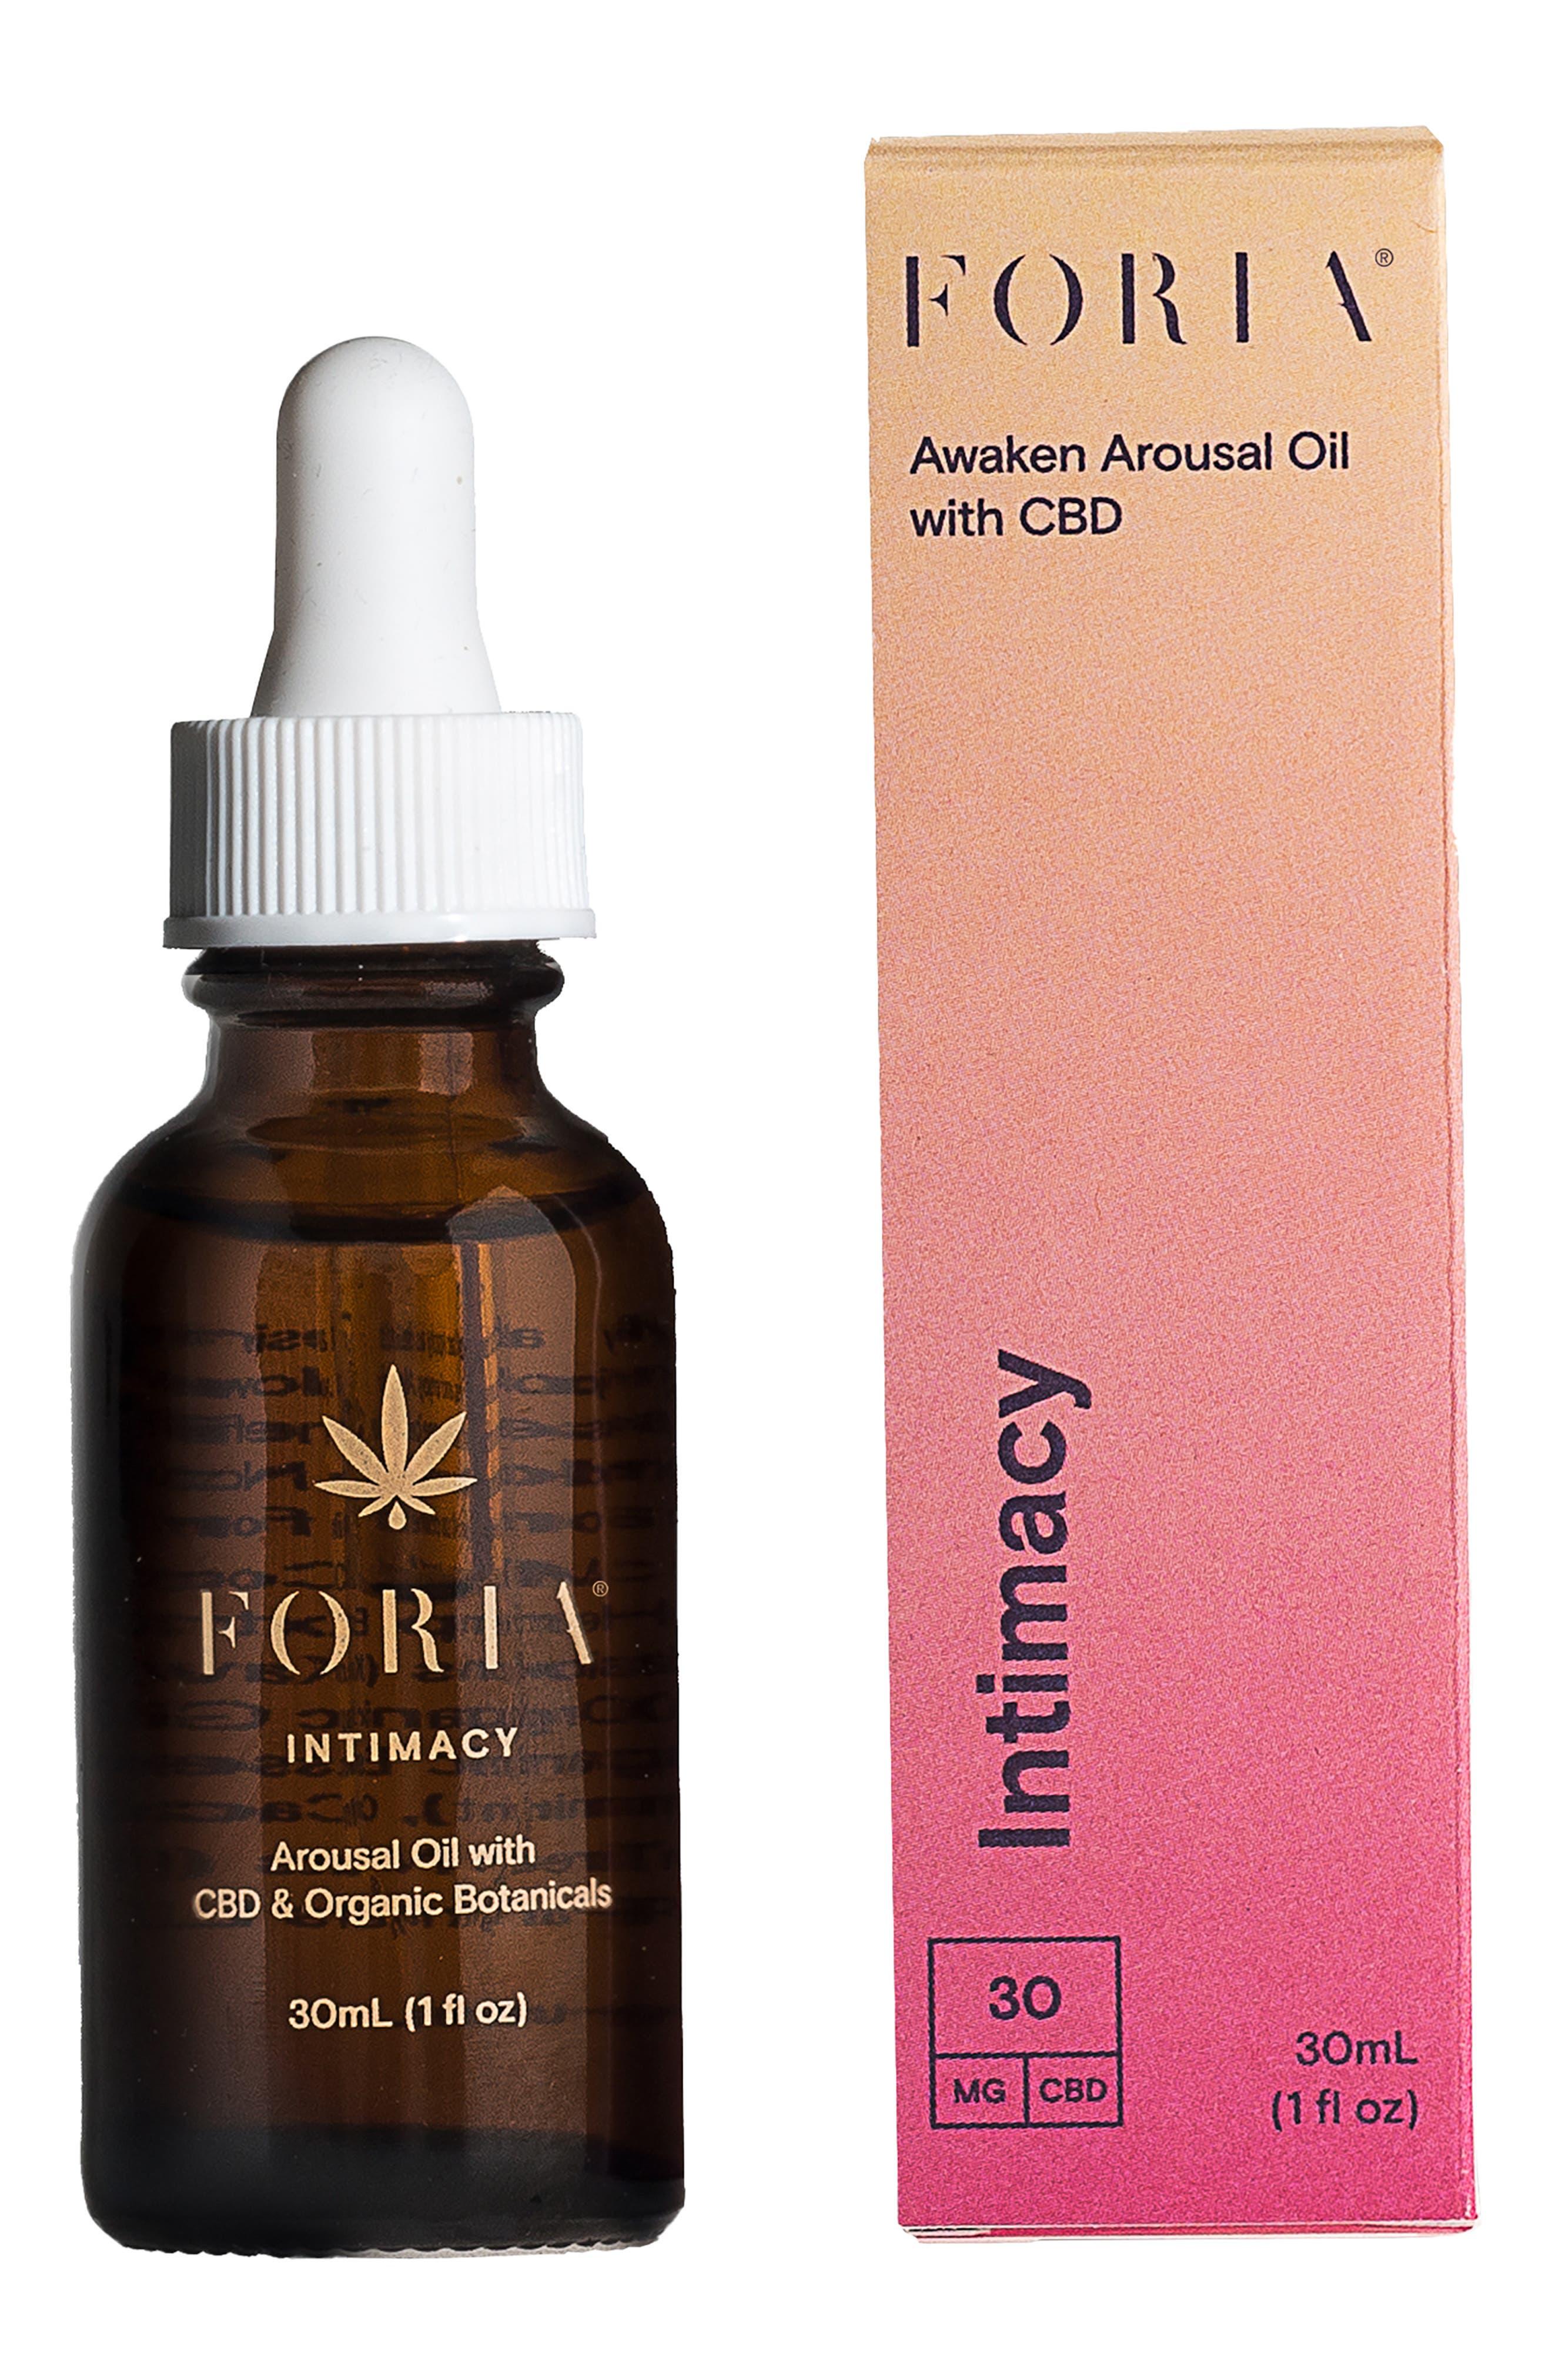 Awaken Arousal Oil With Cbd